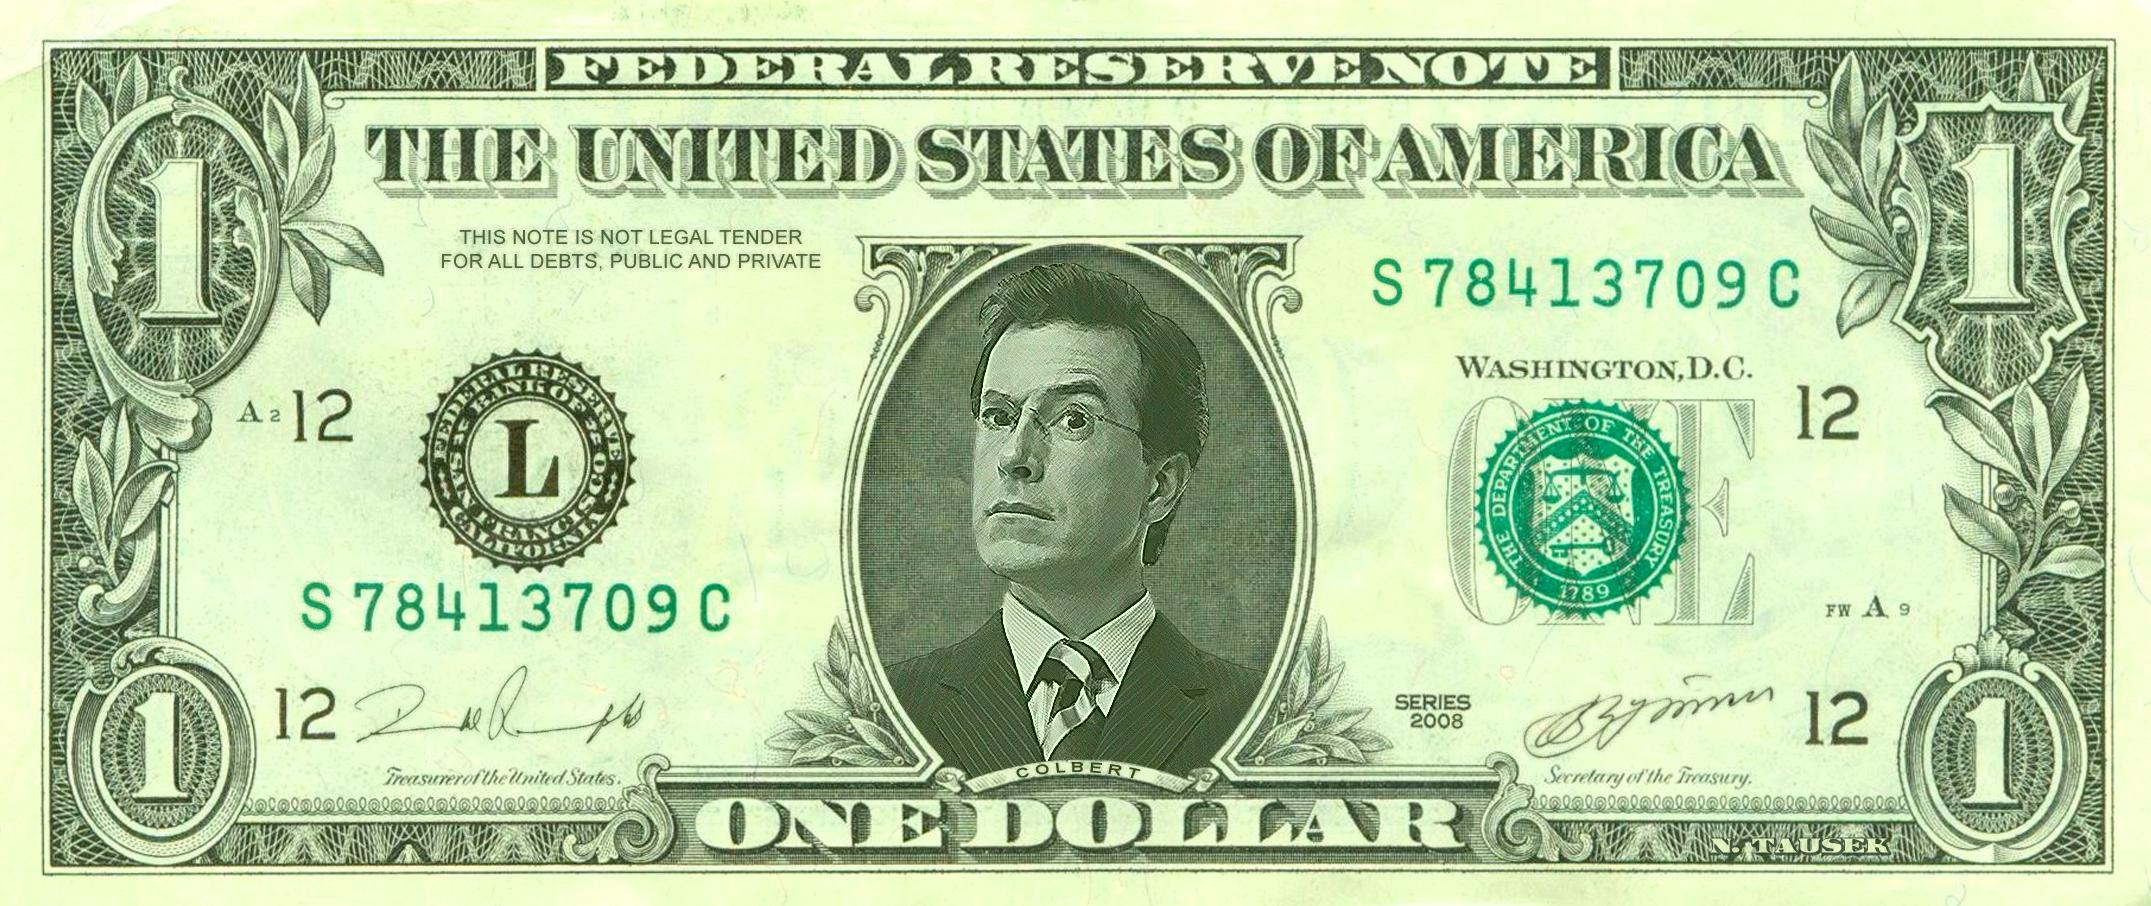 Stephen Colbert for President by Nikkuman